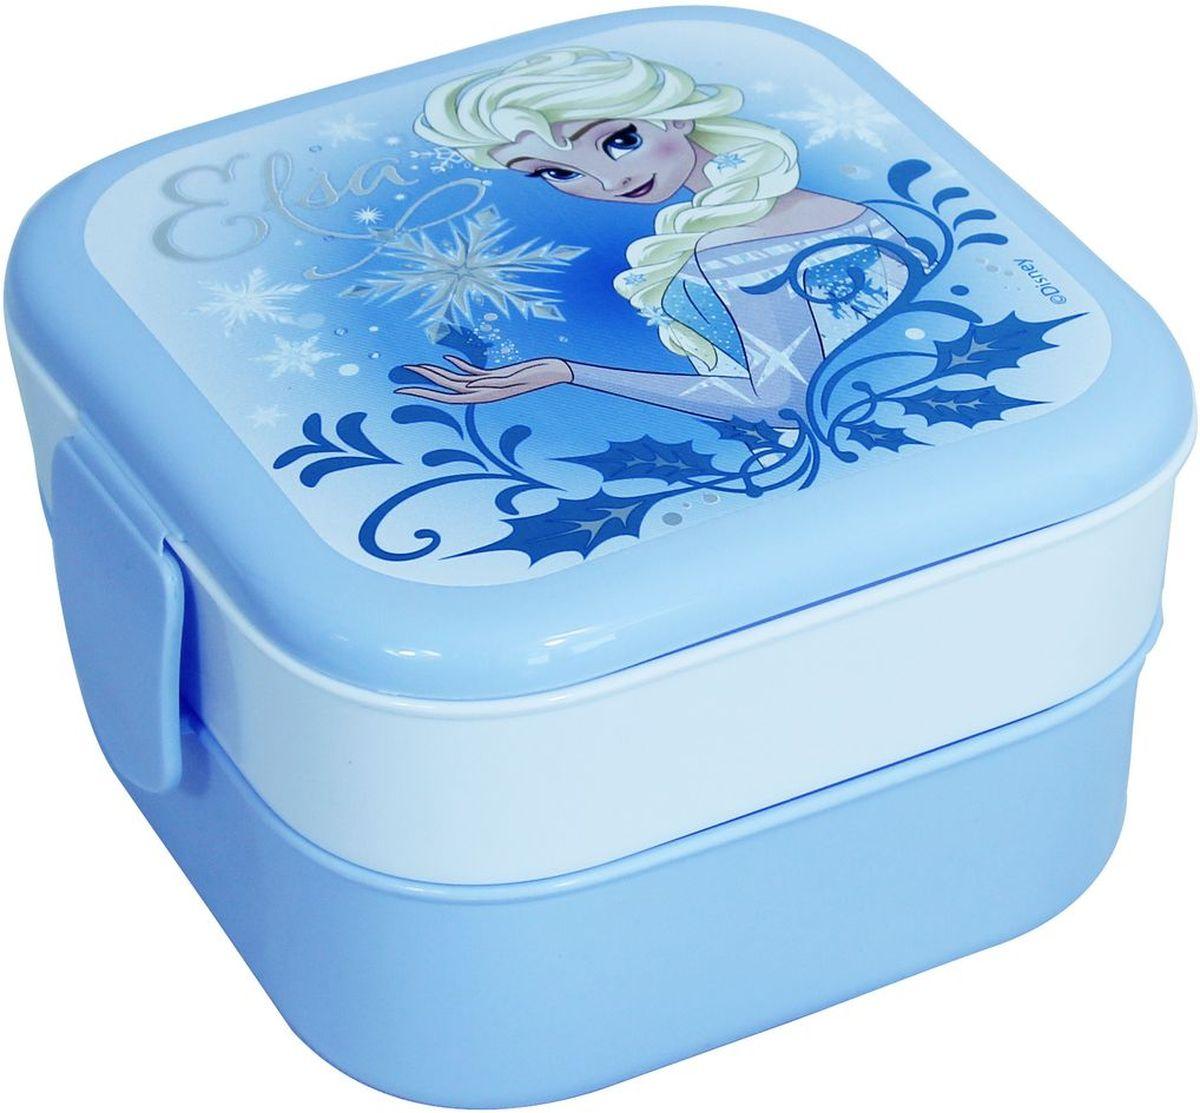 Контейнер Idea Disney. Холодное сердце, 2 секции, цвет: голубойМ 1232-ДКонтейнер Idea Disney изготовлен из высококачественного пластика, предназначен для хранения продуктов. Изделие декорировано ярким рисунком. Контейнер легко открывается, оснащен двумя съемными отделениями и клапаном на крышке. Контейнер - отличное решение для хранения продуктов.Размер контейнера: 12 см х 12 см х 8 см. Объем секции: 0,4 л.